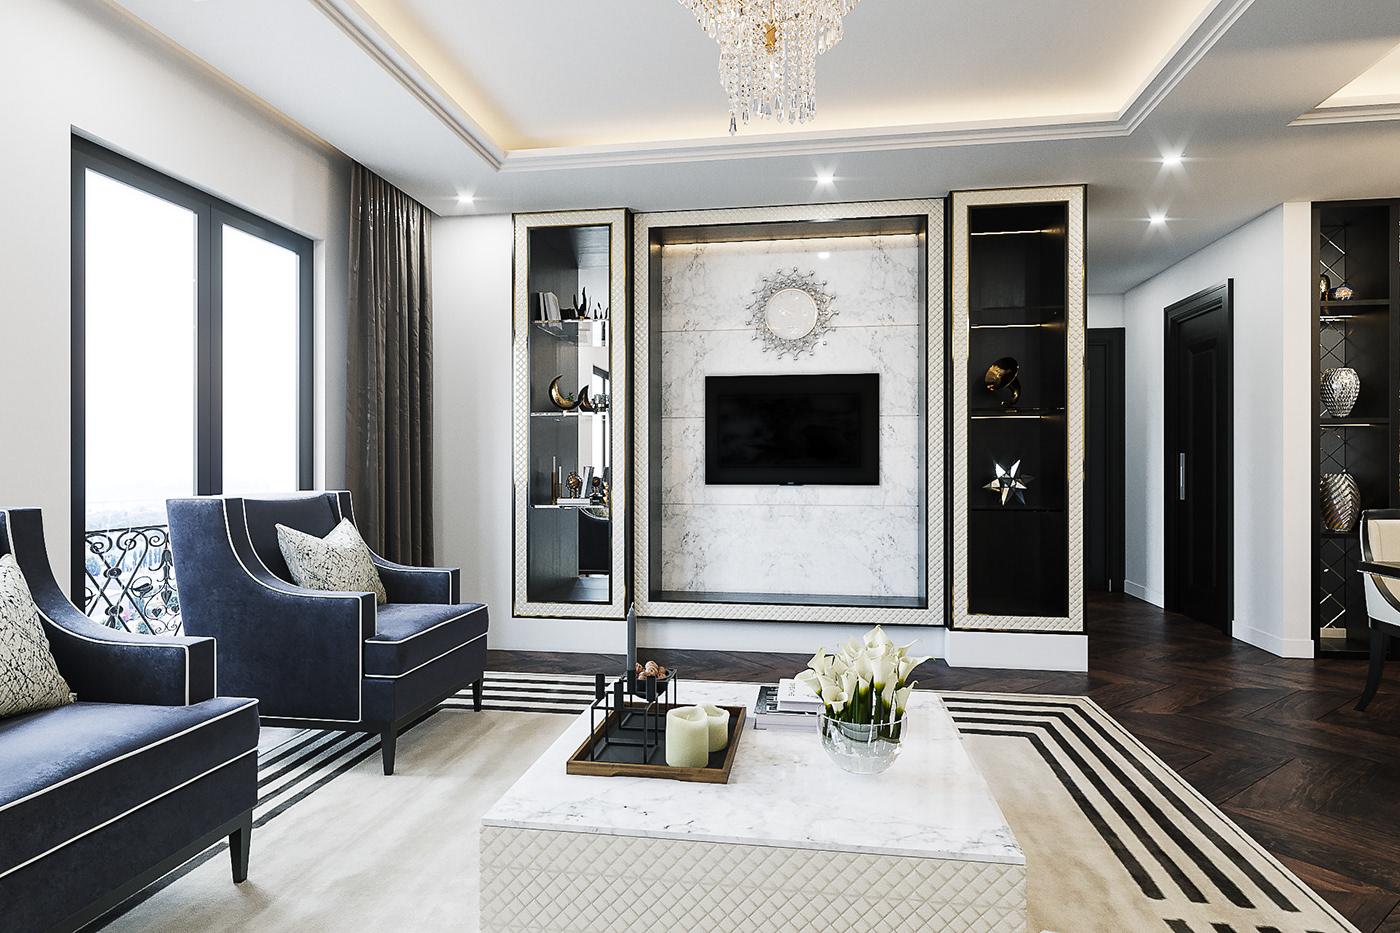 Thiết kế nội thất chung cư cao cấp 3